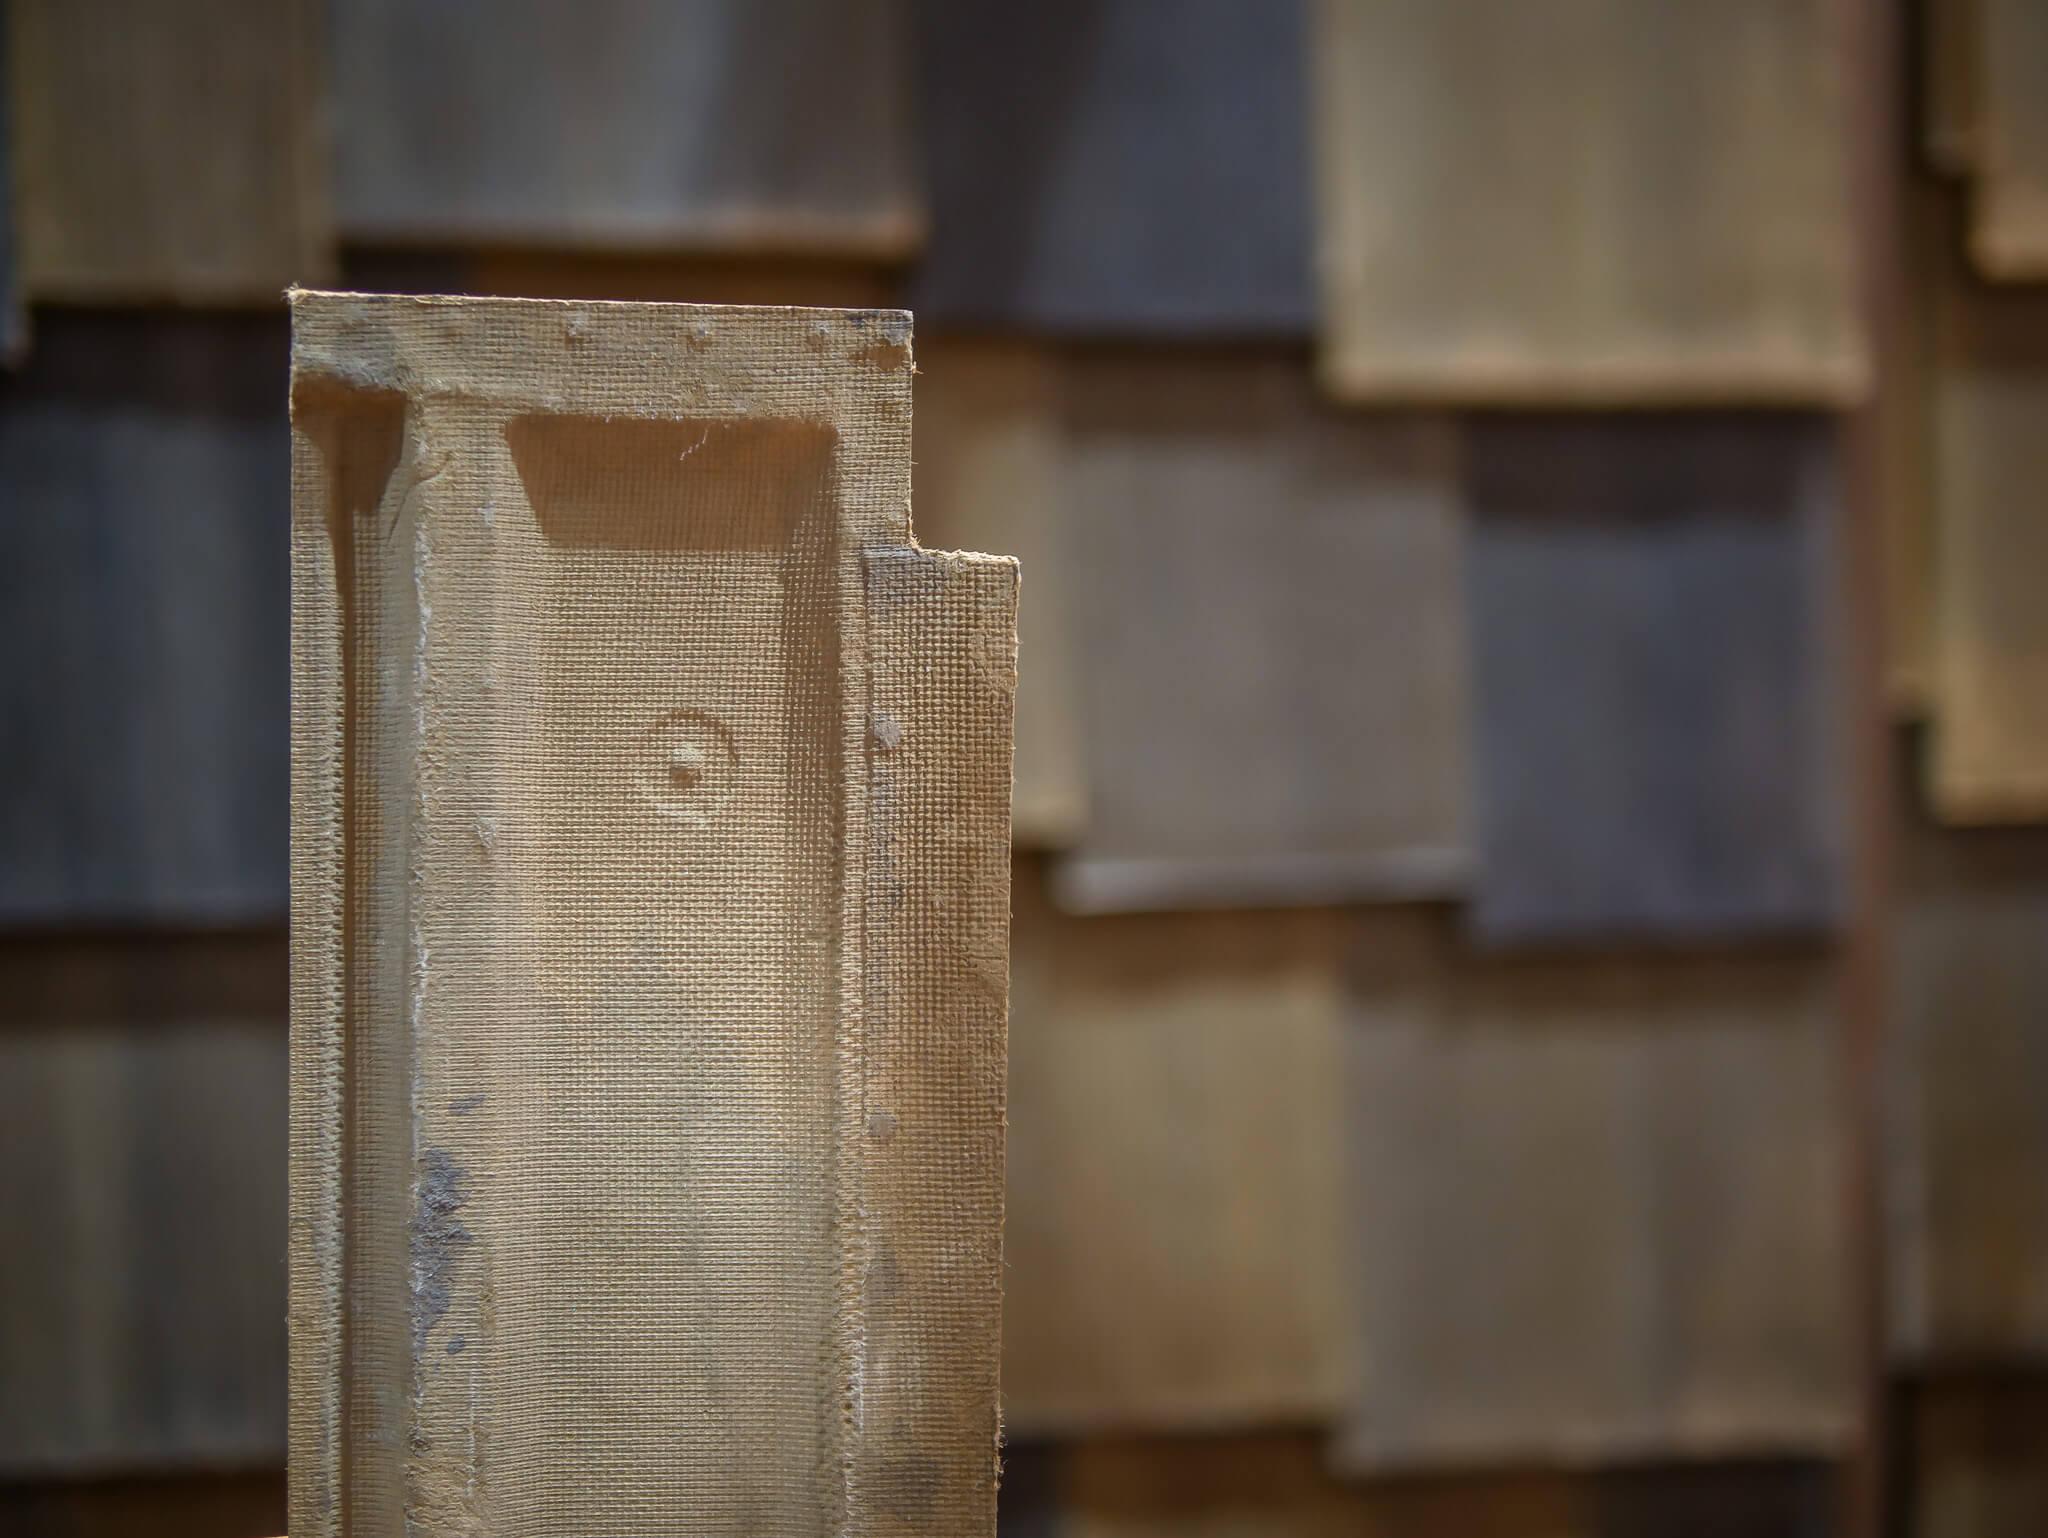 """ลบความทรงจำคำว่า """"ไม้ฝา"""" เมื่อ """"เฌอร่า"""" อวดบูธไม่มีฝา ชนะเลิศประกวดบูธ Creative ที่งานสถาปนิก'60 32 - Architecture"""